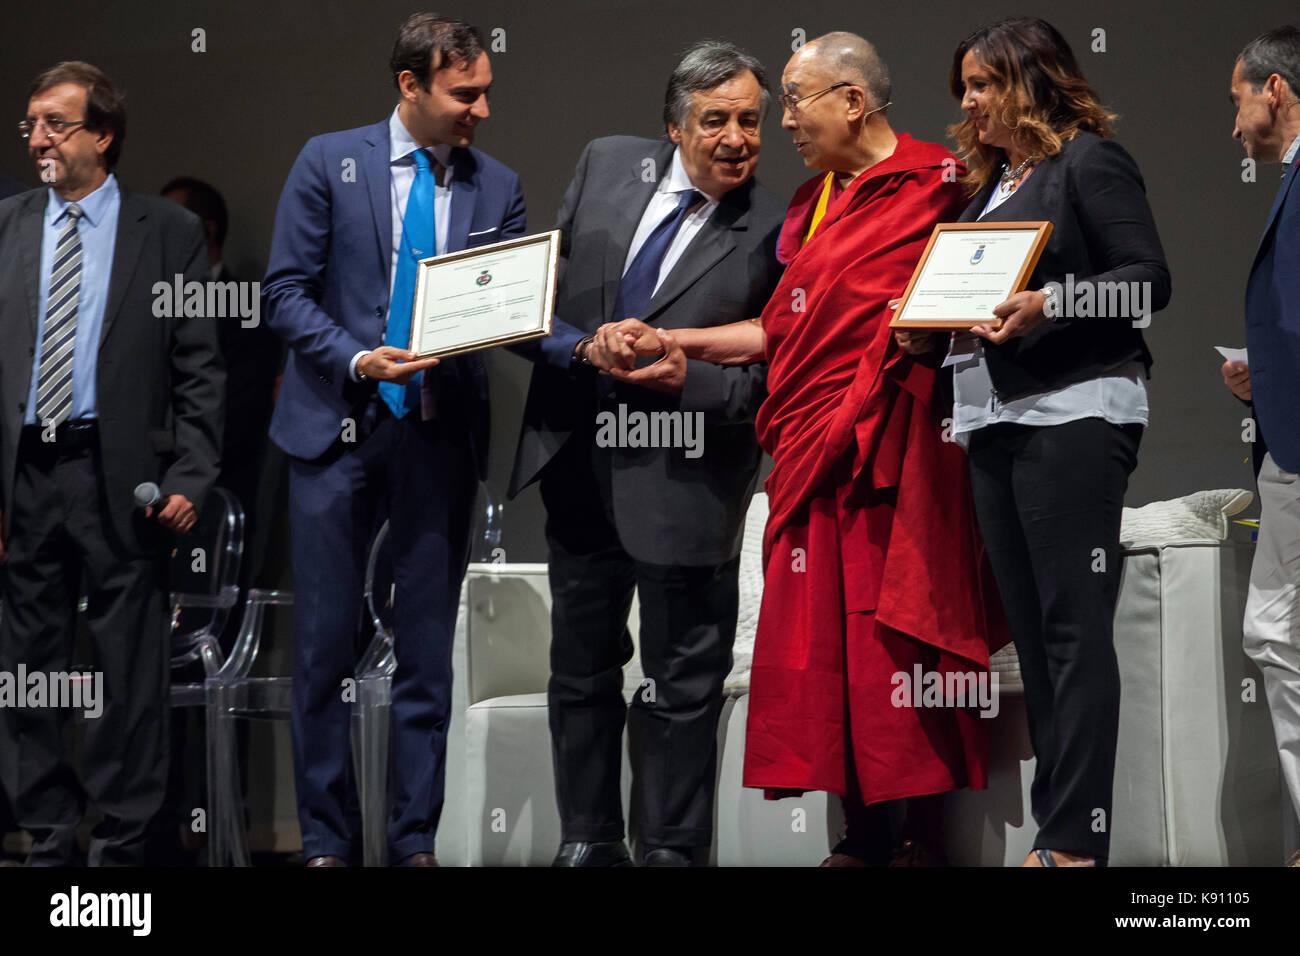 Der Dalai Lama nimmt auf der Bühne der Gläubigen in Palermo am 18. September 2017. Stockfoto